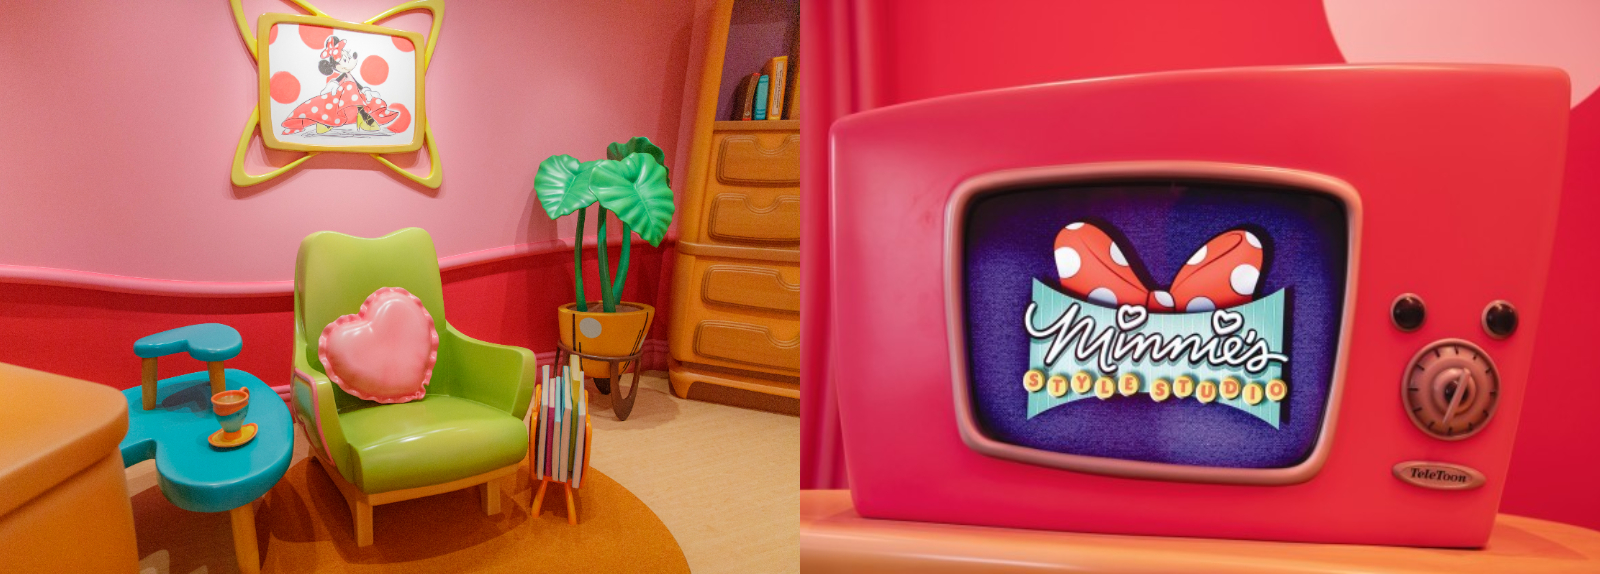 『東京ディズニーランド』初! ミニーマウスに会えるグリーティング施設「ミニーのスタイルスタジオ」が可愛すぎる件♡ _8